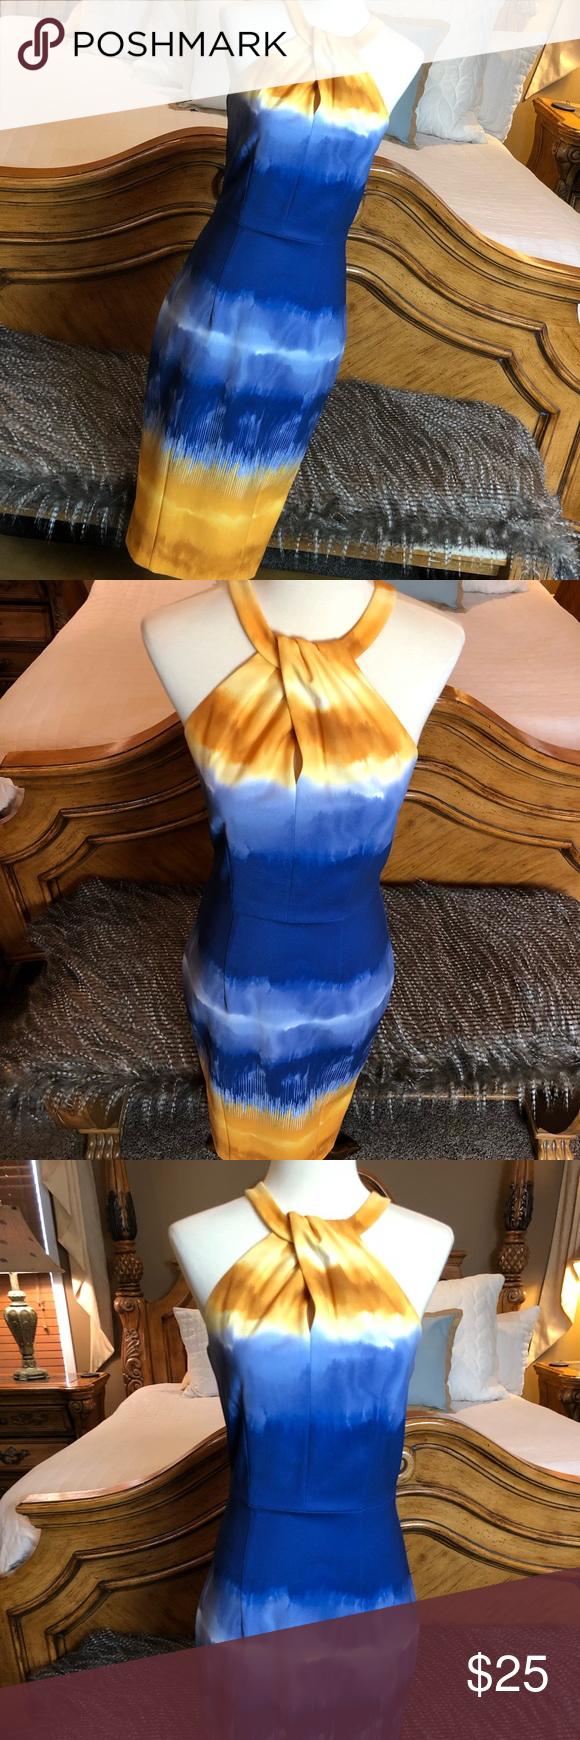 H M Tie Dye Blue Yellow Halter Dress Size 4 Halter Dress Blue Yellow Yellow Ties [ 1740 x 580 Pixel ]